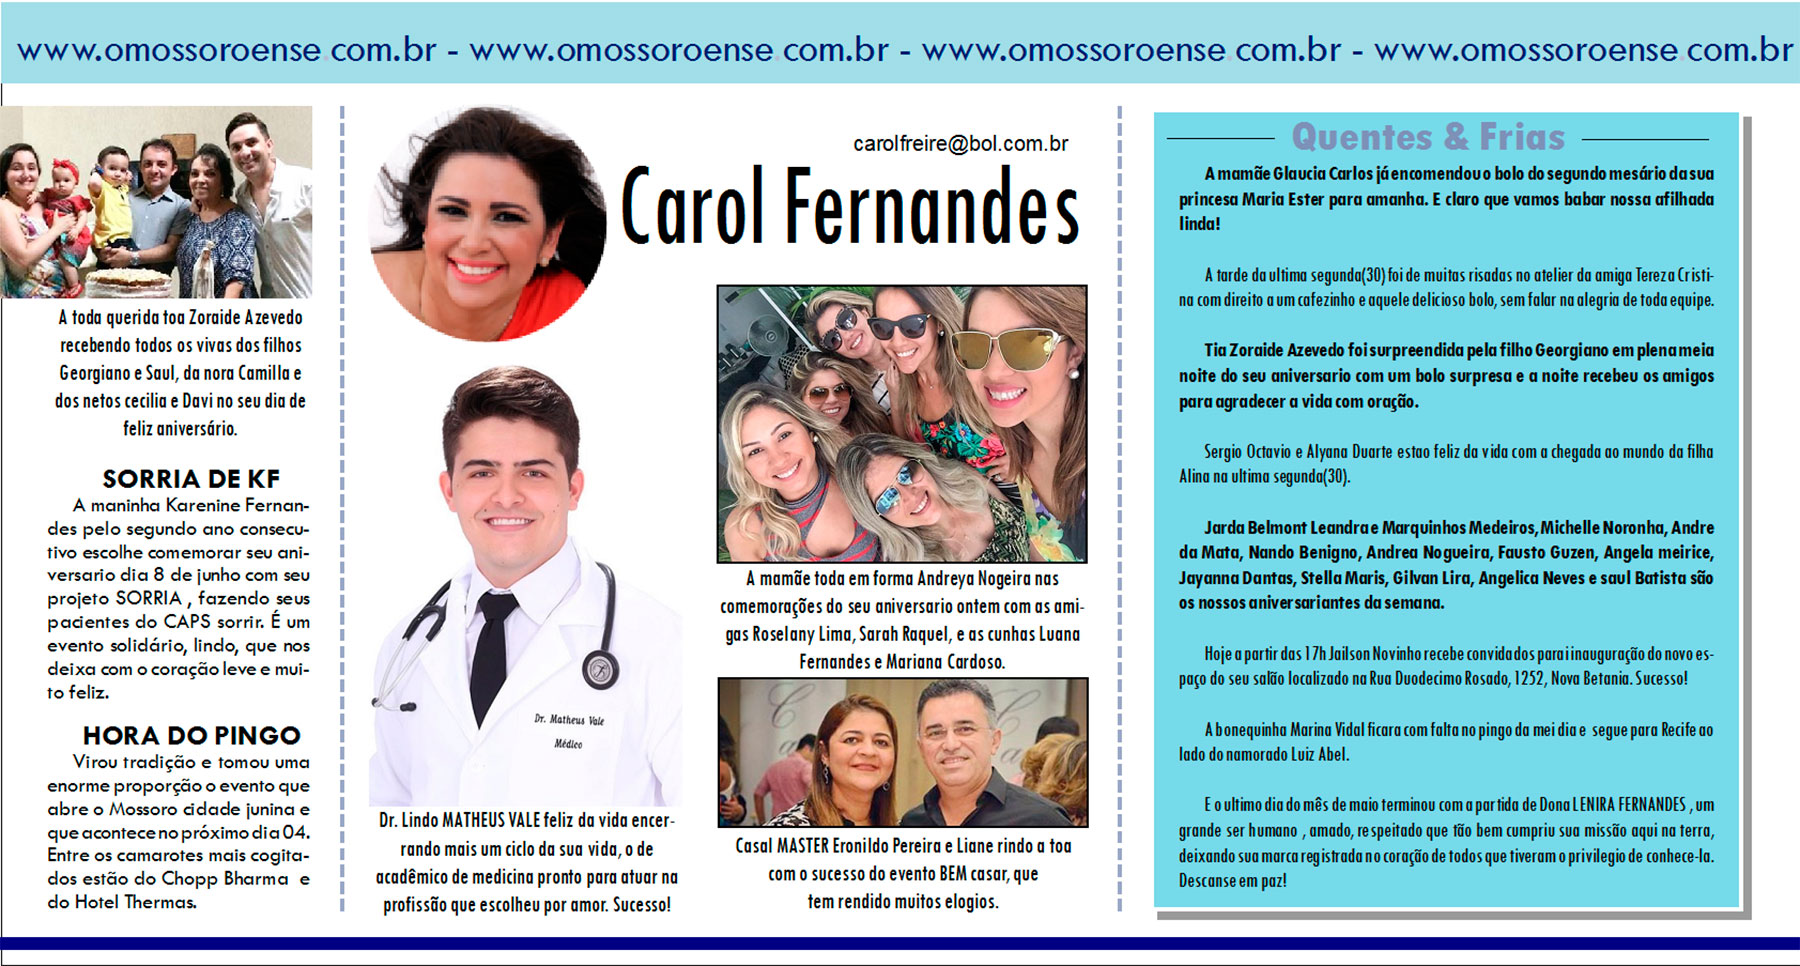 CAROL-FERNANDES---02-06-16